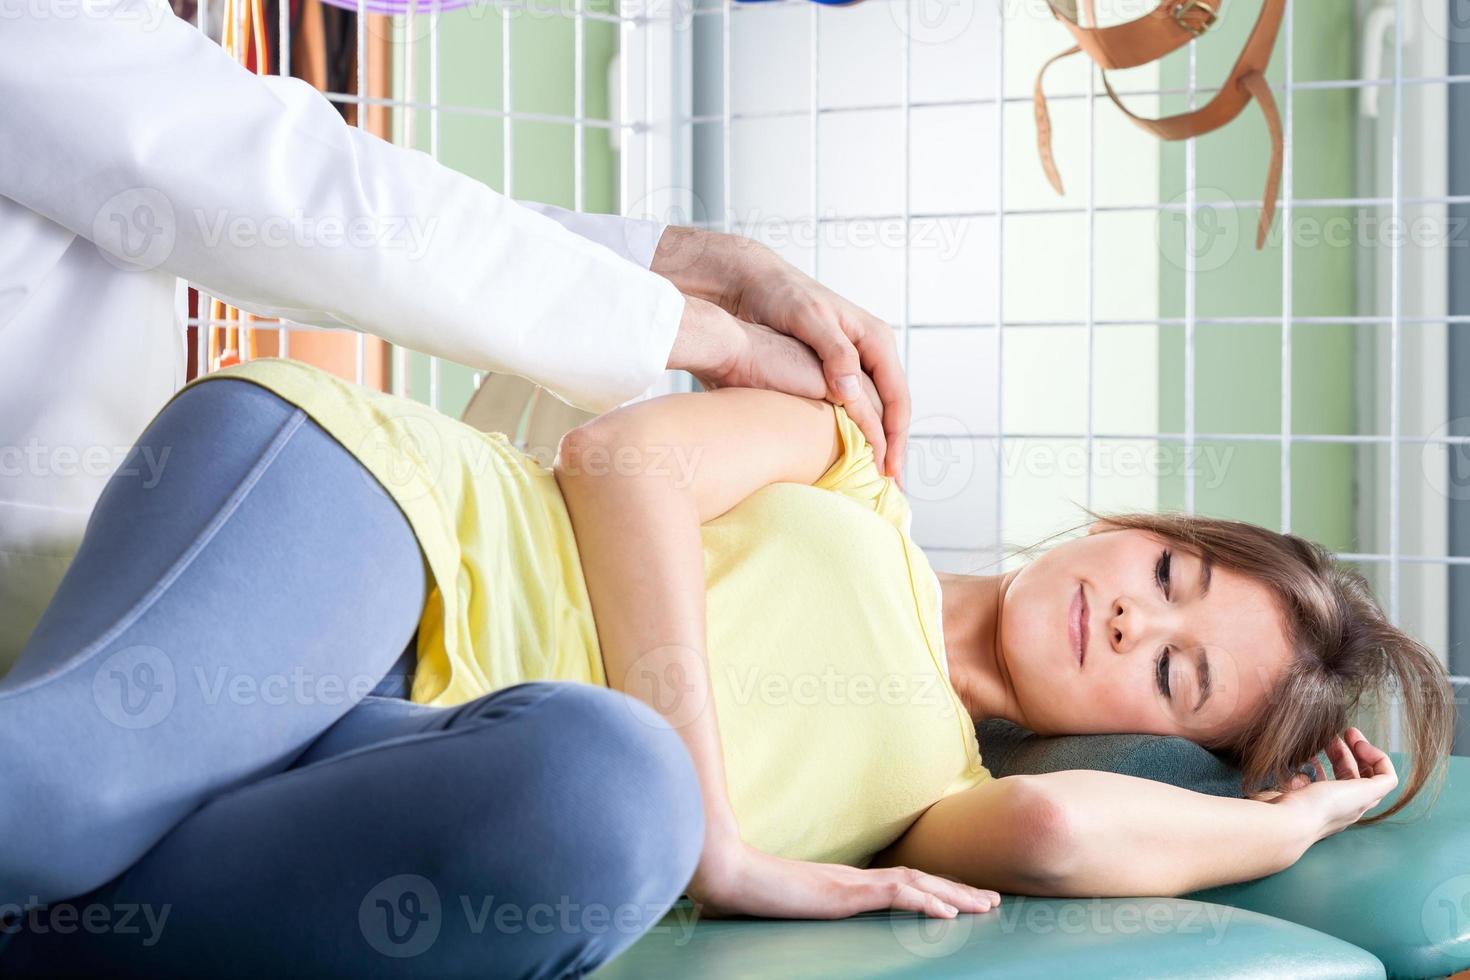 fysiotherapeut die de arm van de patiënt masseert foto